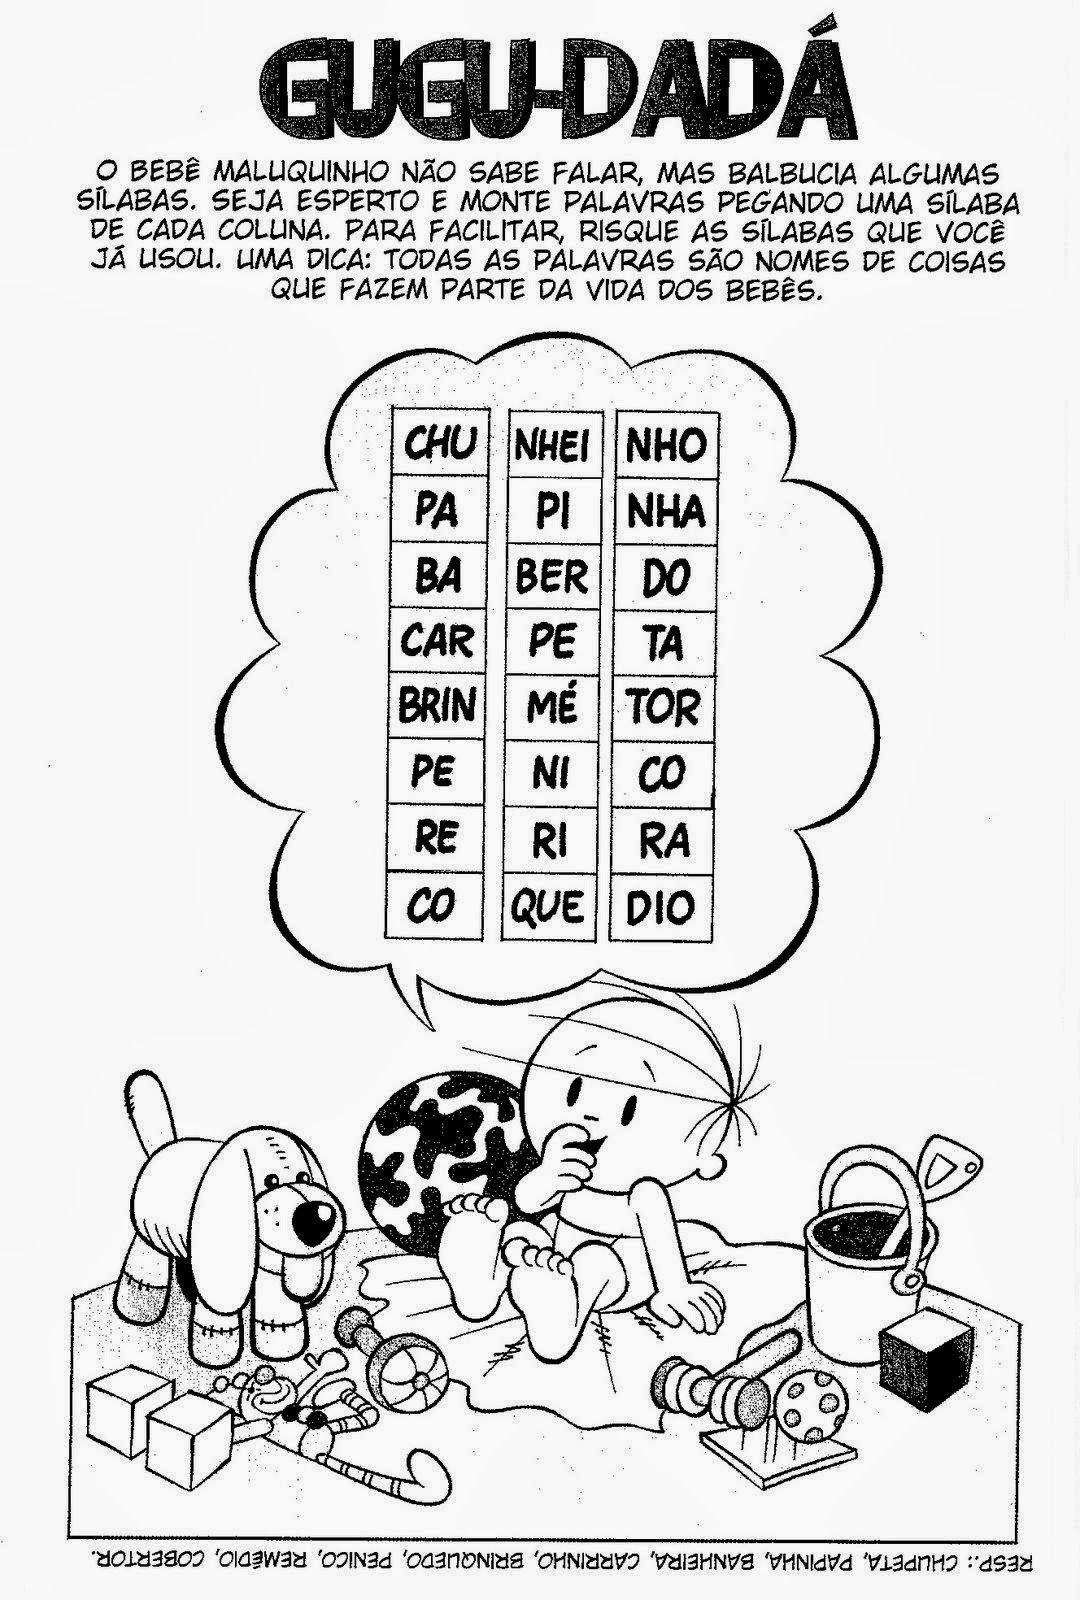 Companheiros da Educação: MENINO MALUQUINHO - DIVERSAS ATIVIDADES DE ...